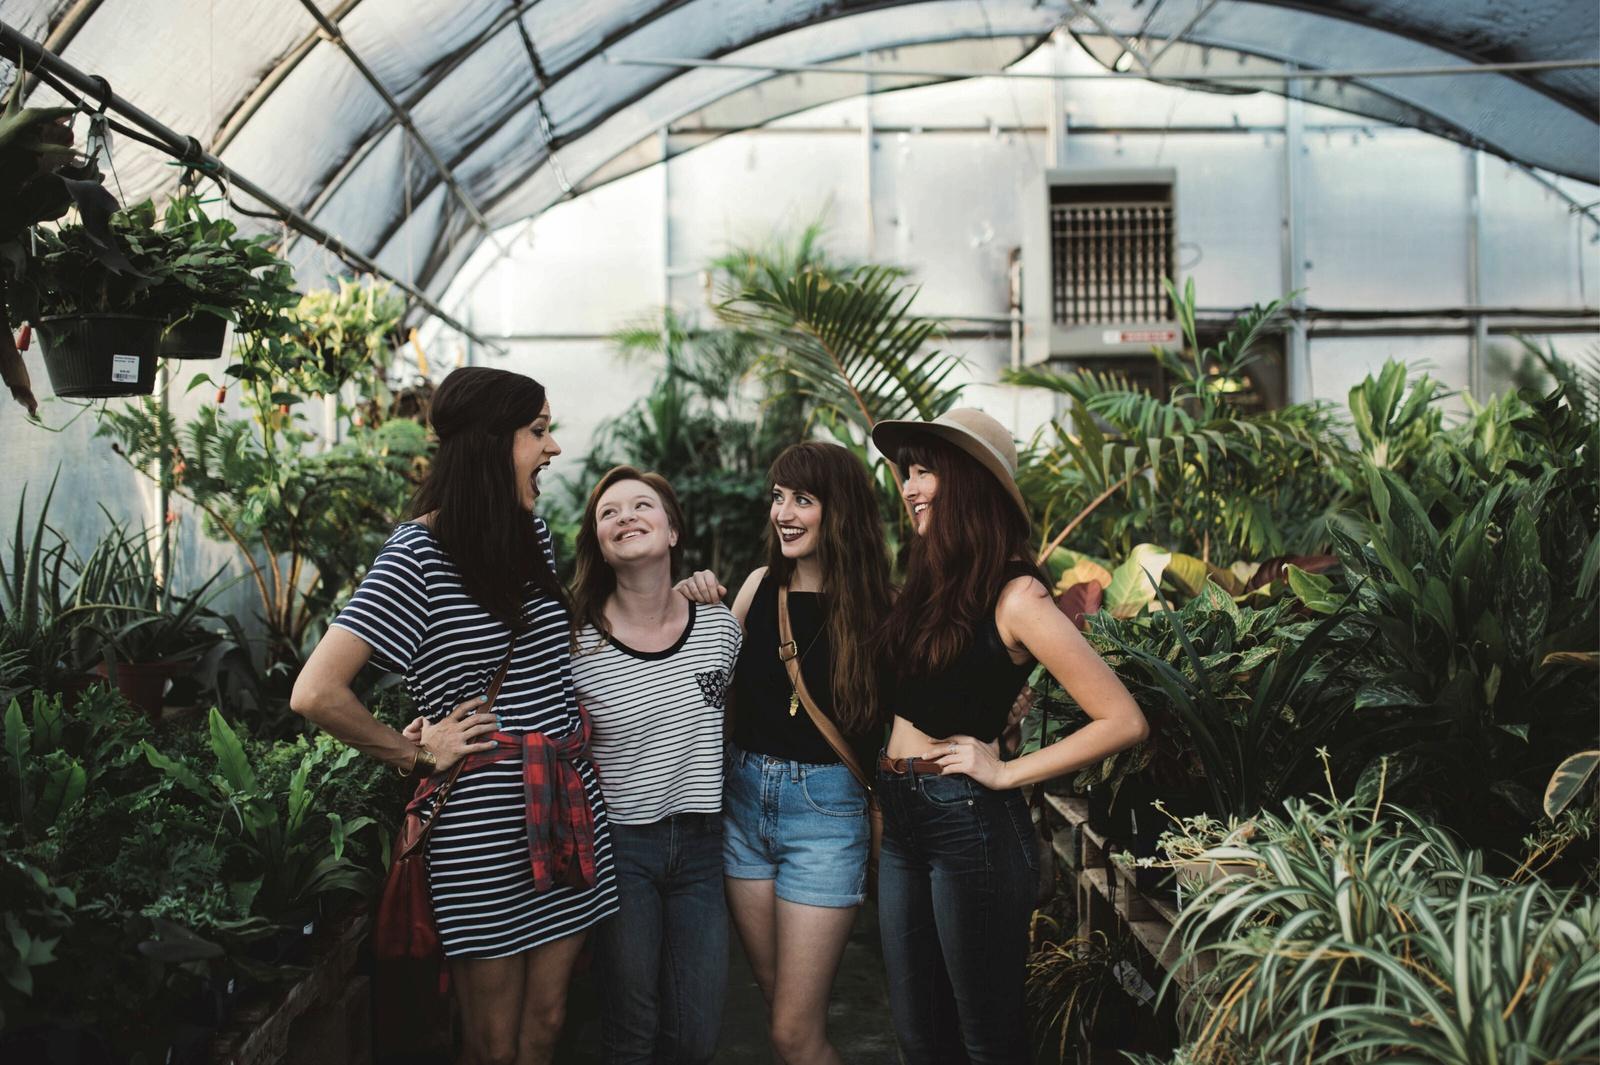 Studentinnen in einem Gewächshaus